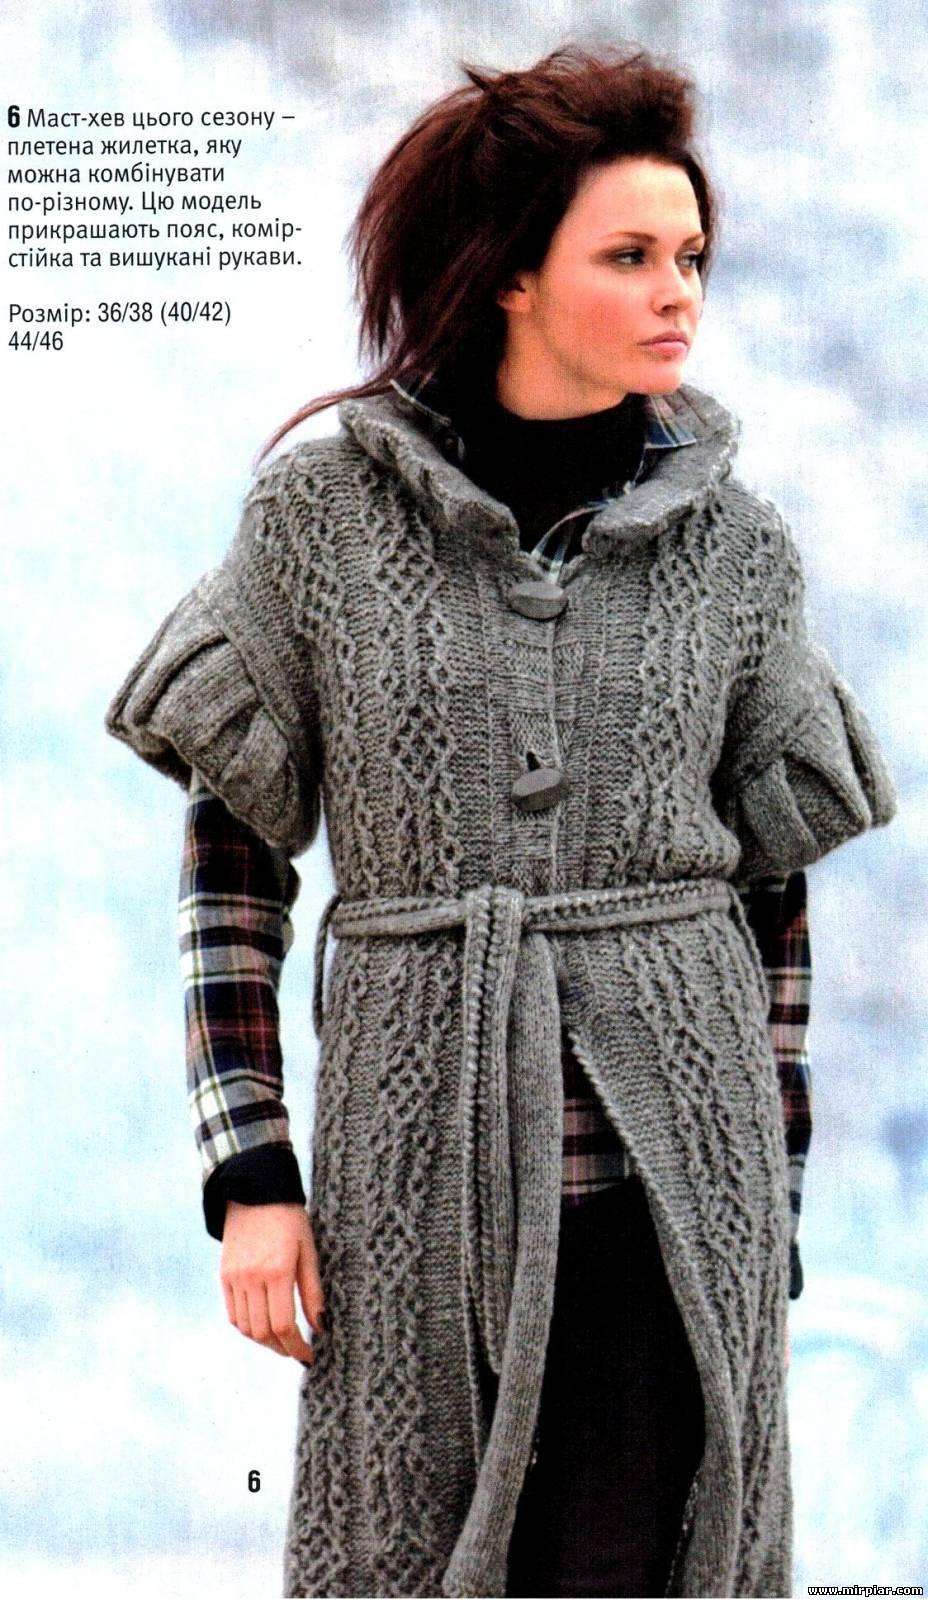 Фишка этой модели пальто - модный рукав Загляните в модные журналы и